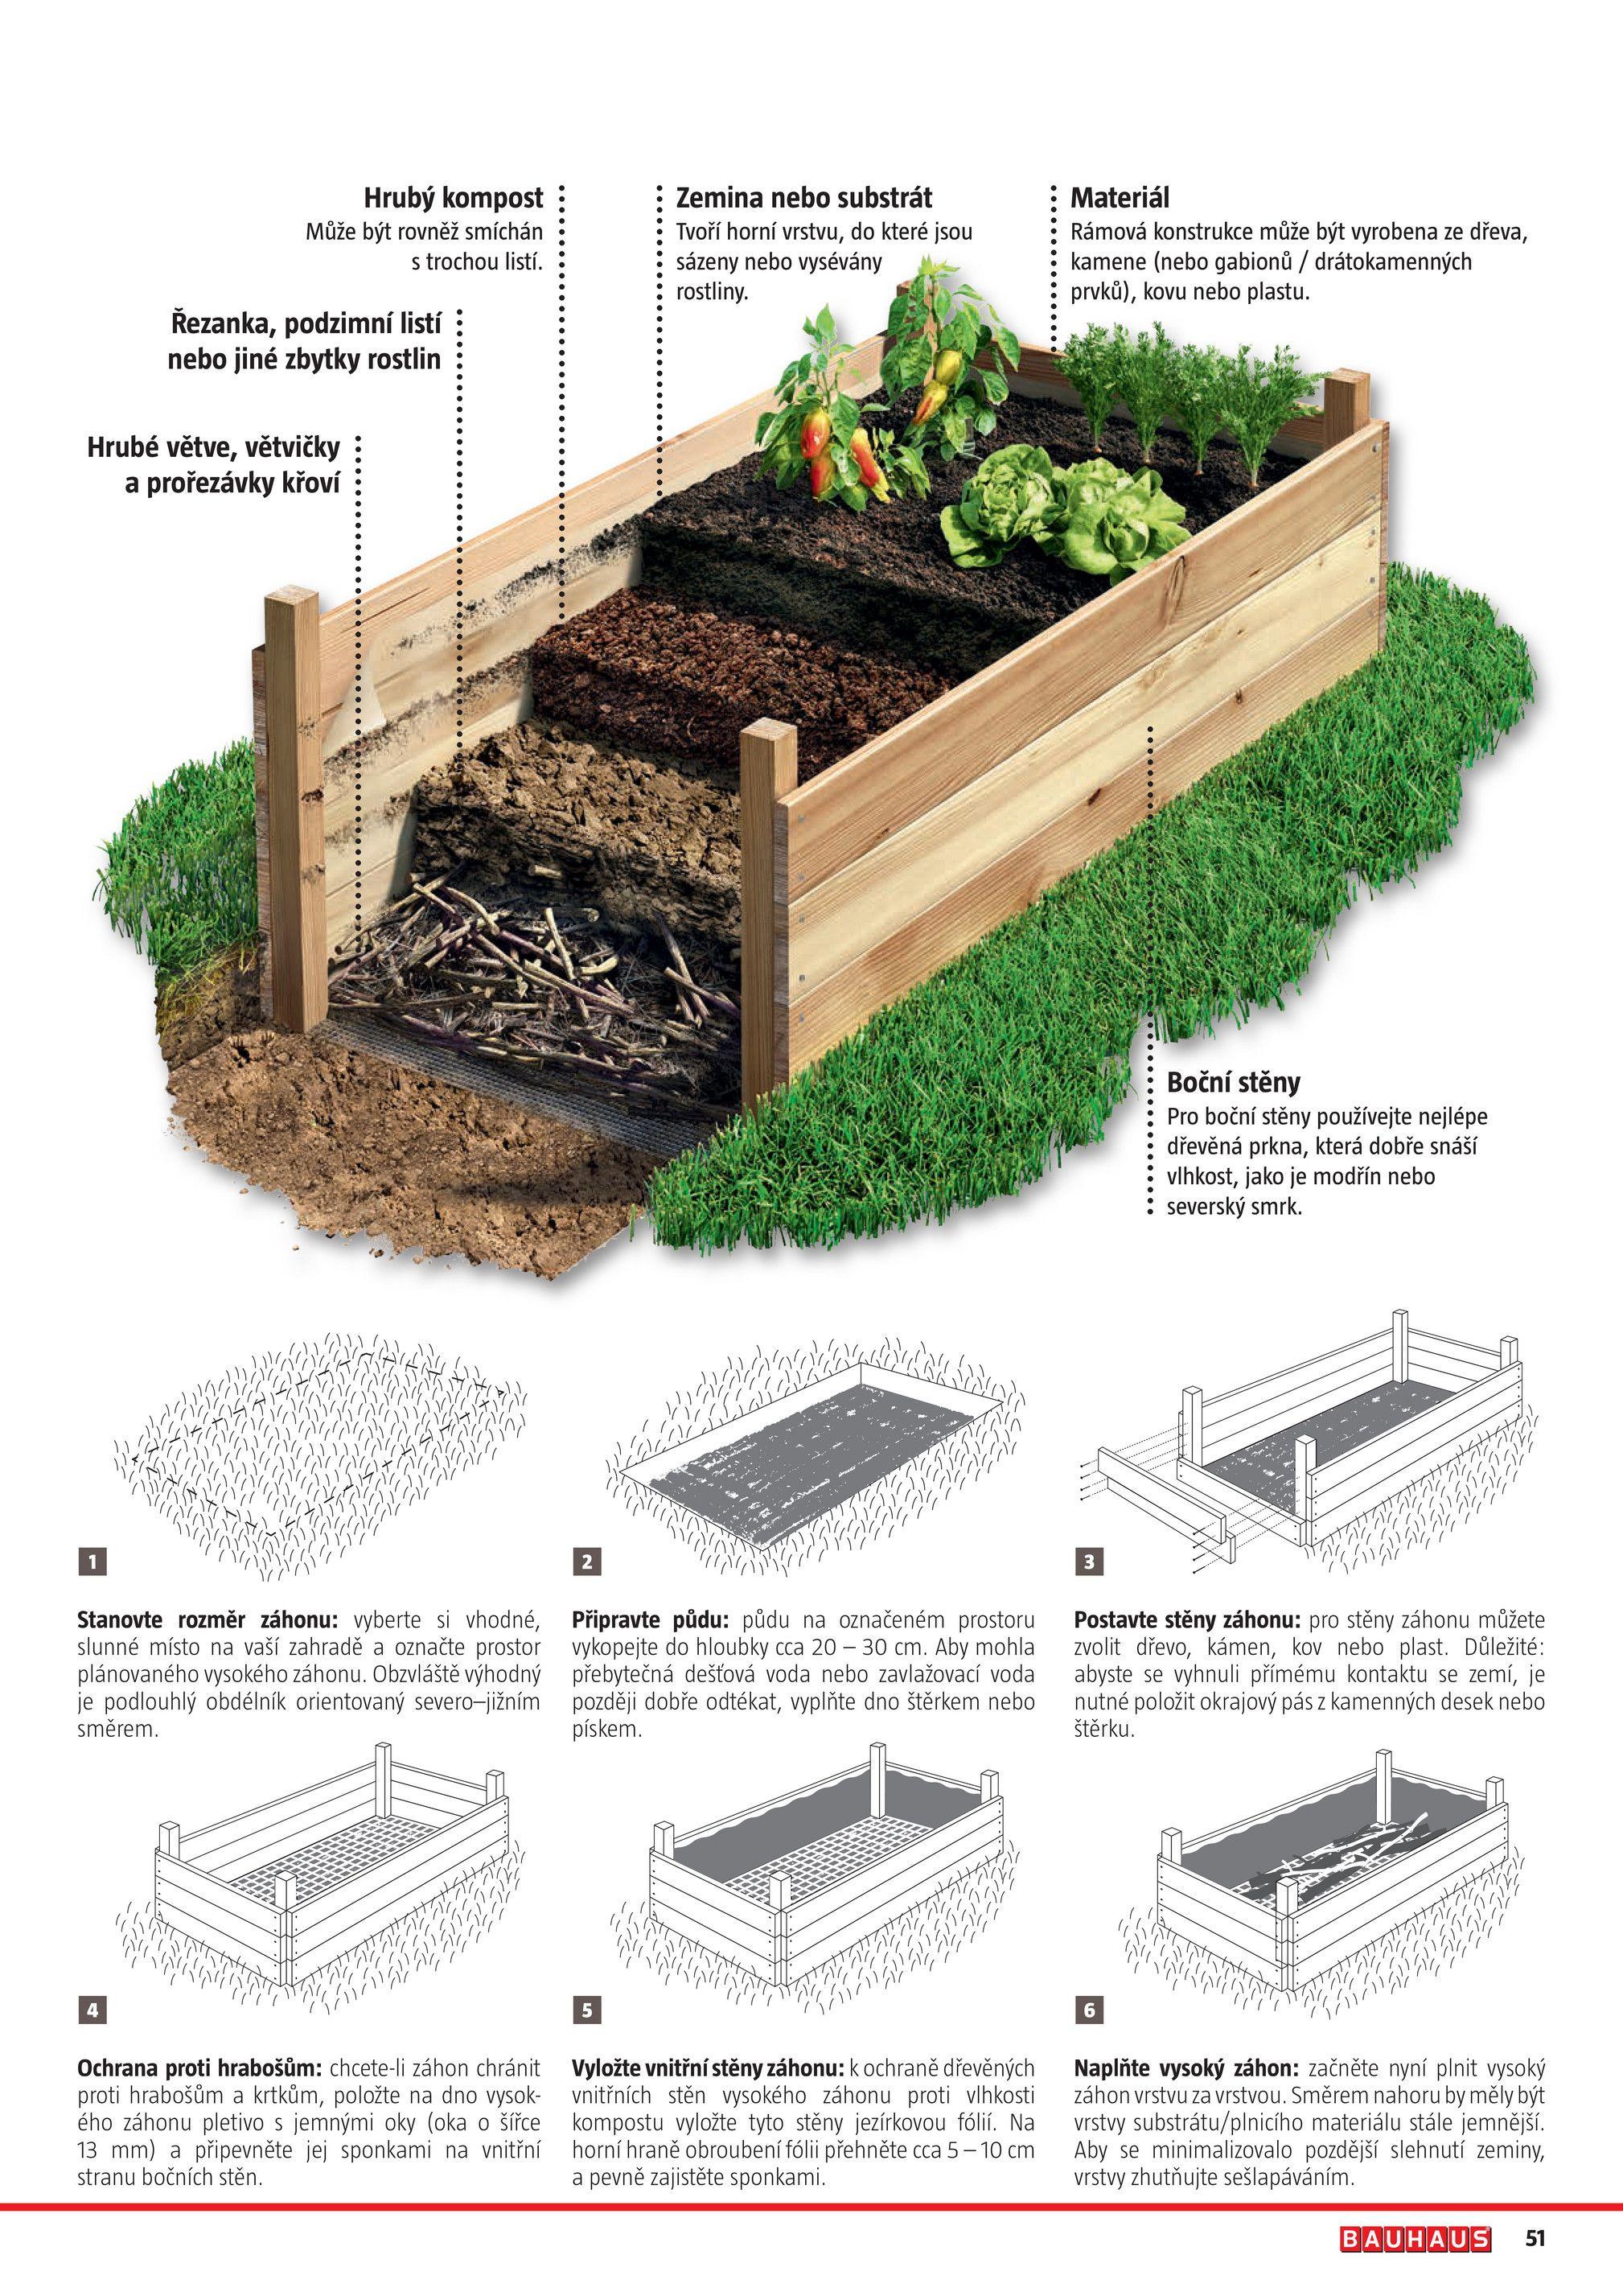 Bauhaus Katalog Drevo V Zahrade 2019 Strana 50 51 In 2020 Vegetable Garden Design Vegetable Garden Raised Beds Backyard Vegetable Gardens